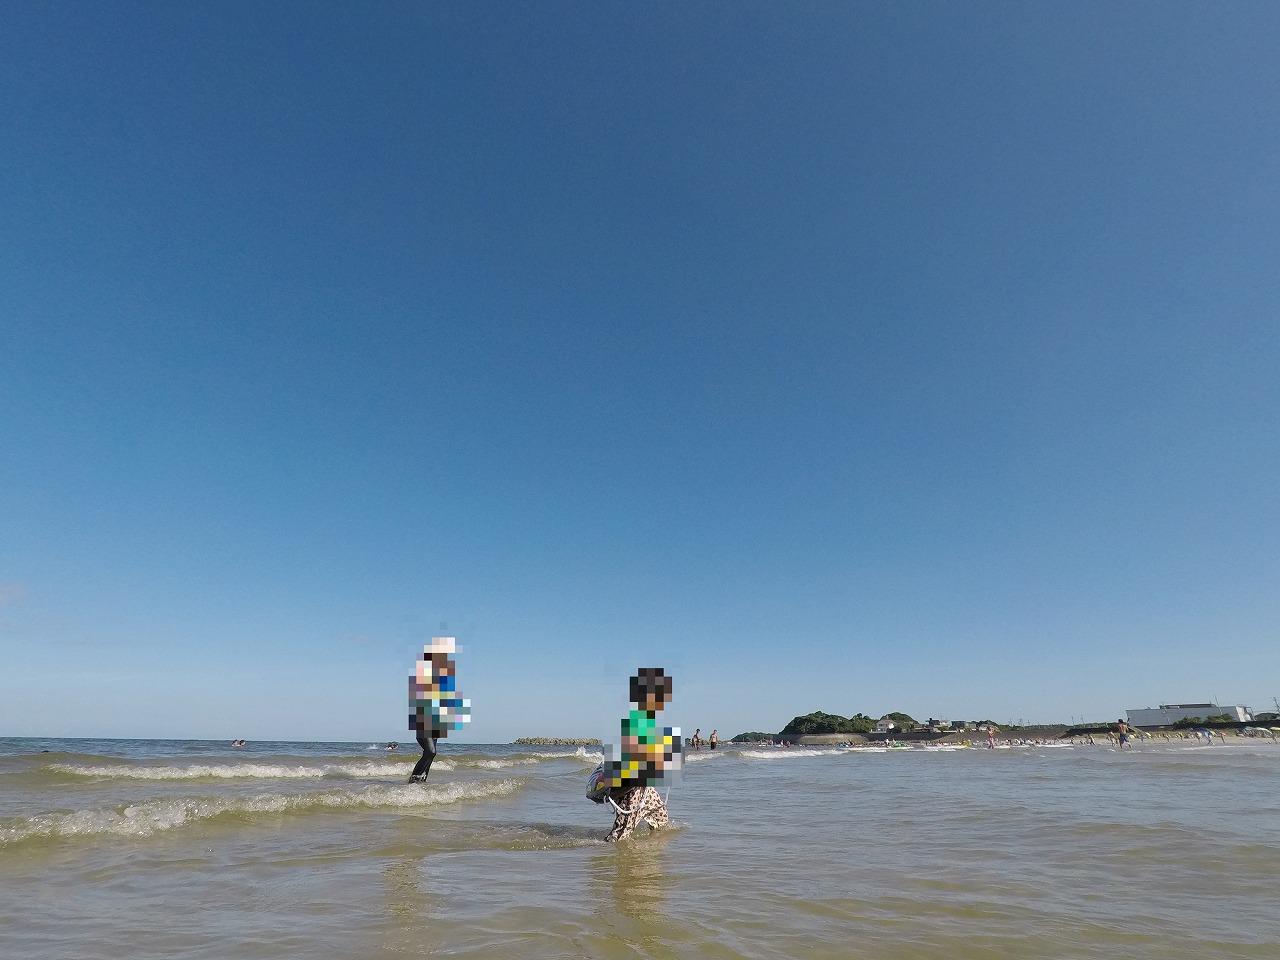 阿児の松原海水浴場浅いので波も安心